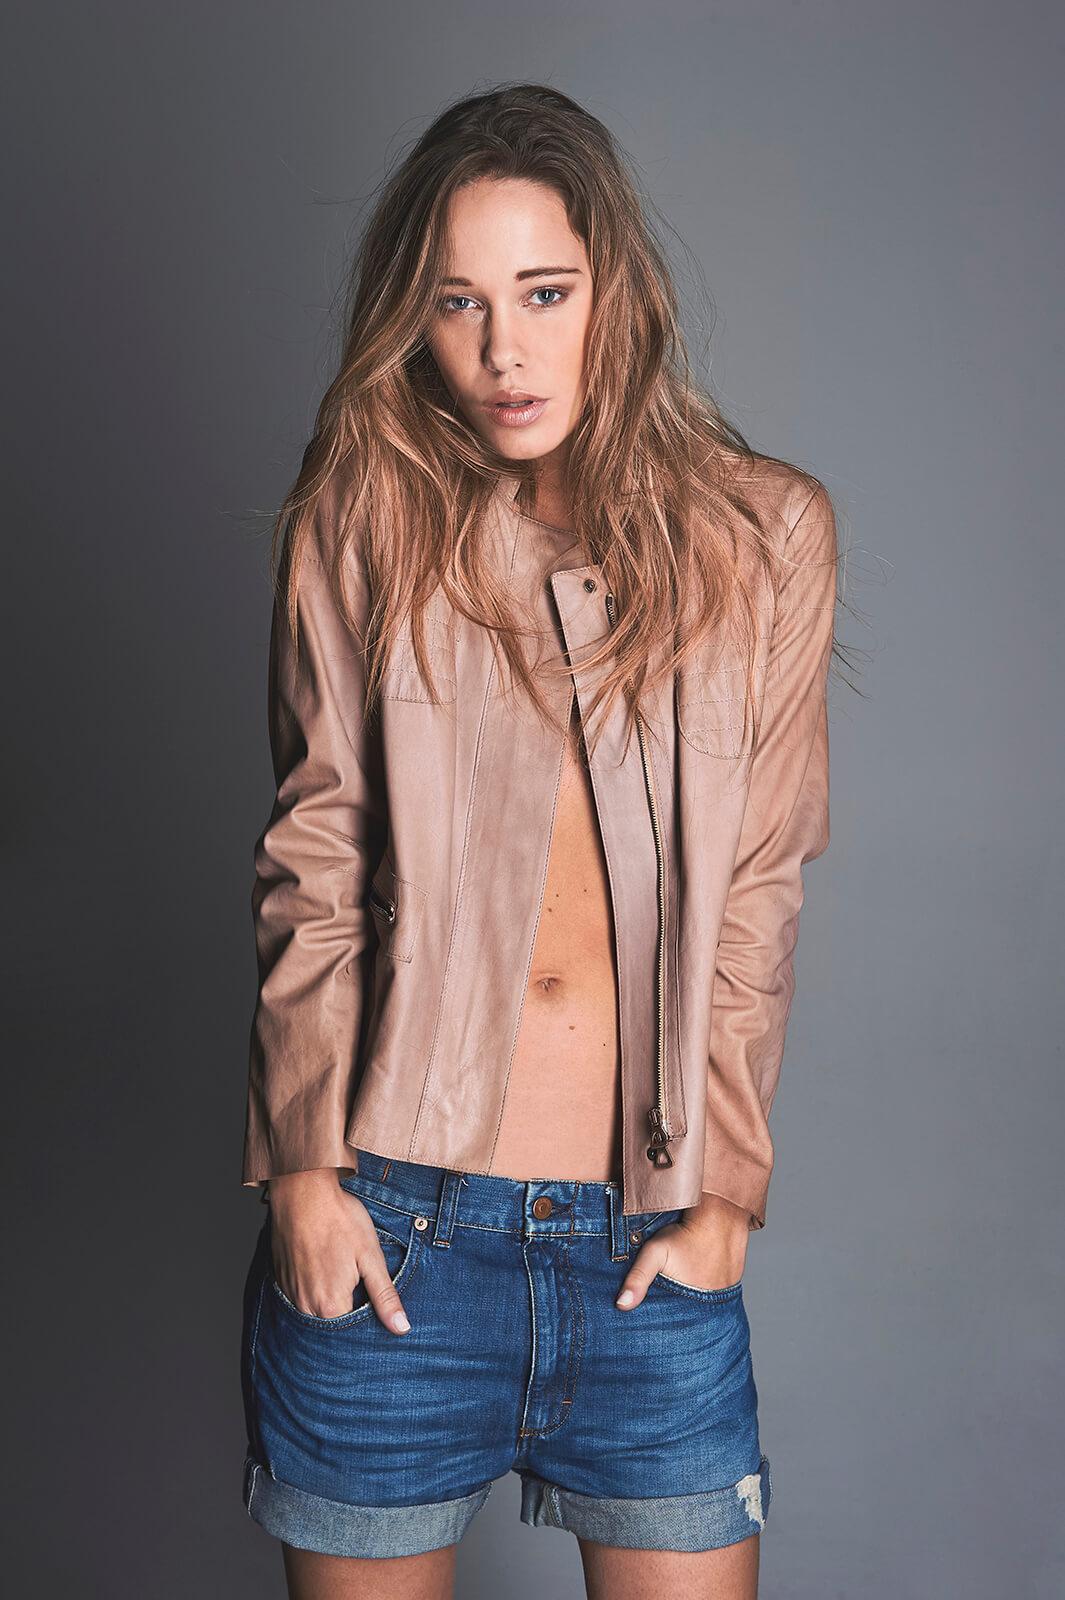 Matteo nanni moda Greenfit Paris